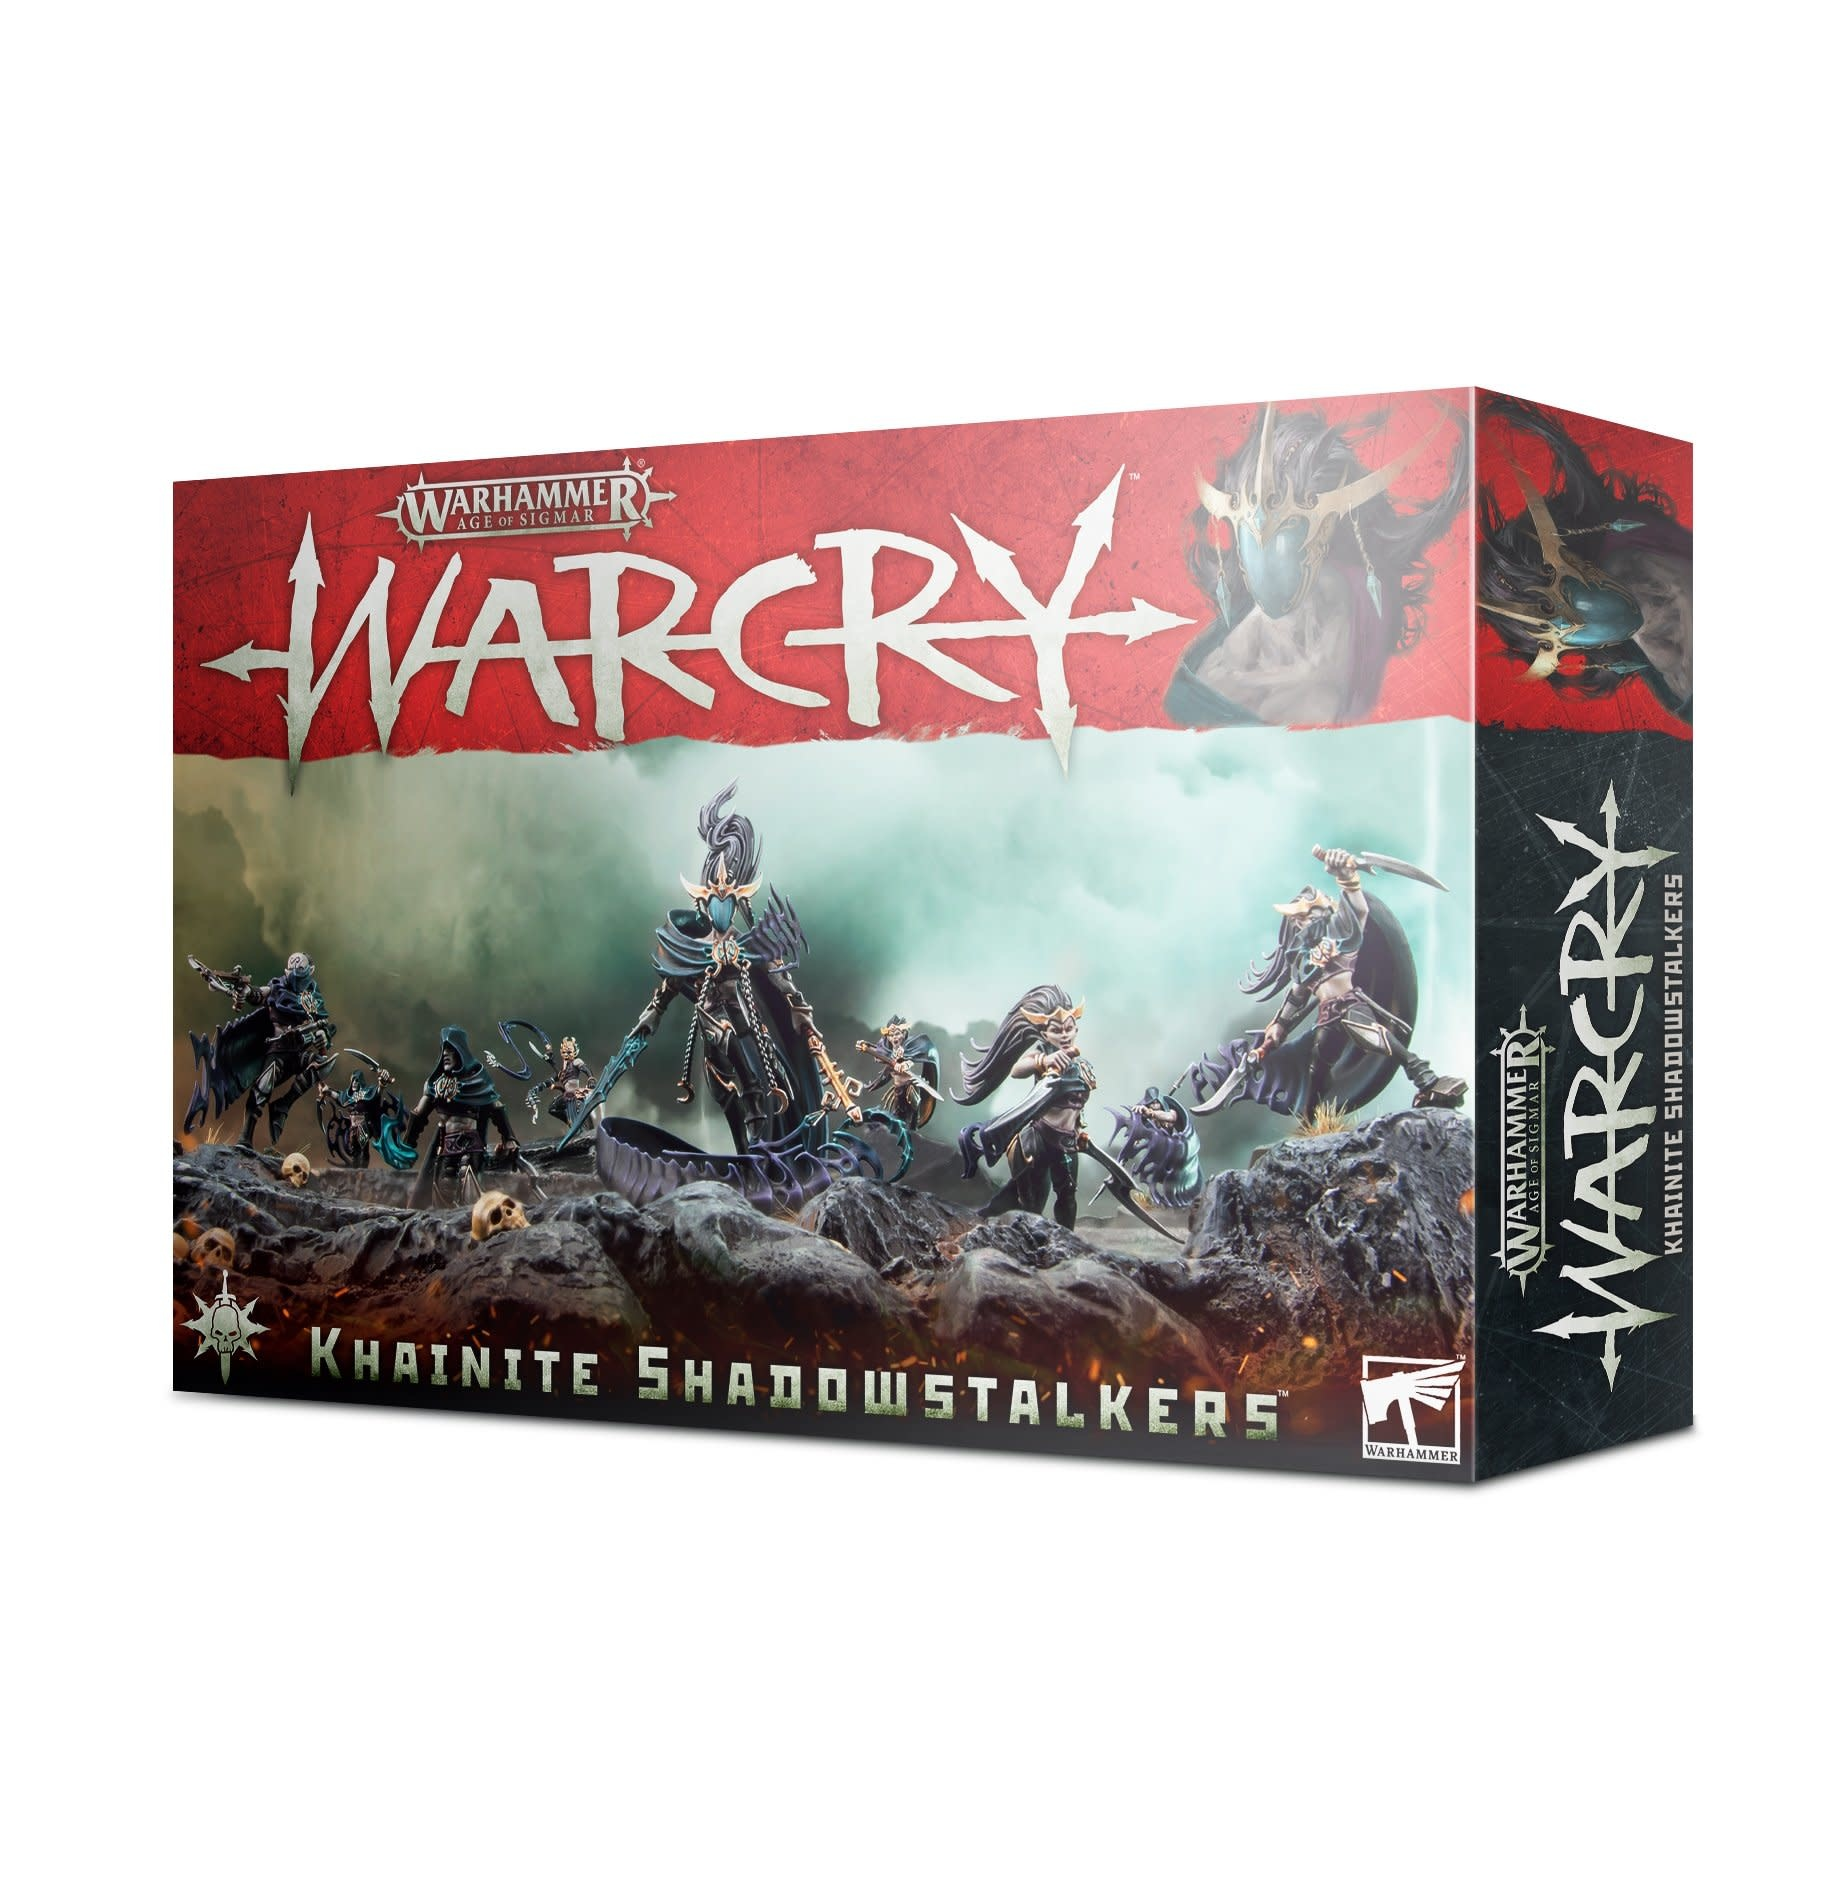 Games-Workshop Warcry: Khainite Shadowstalkers